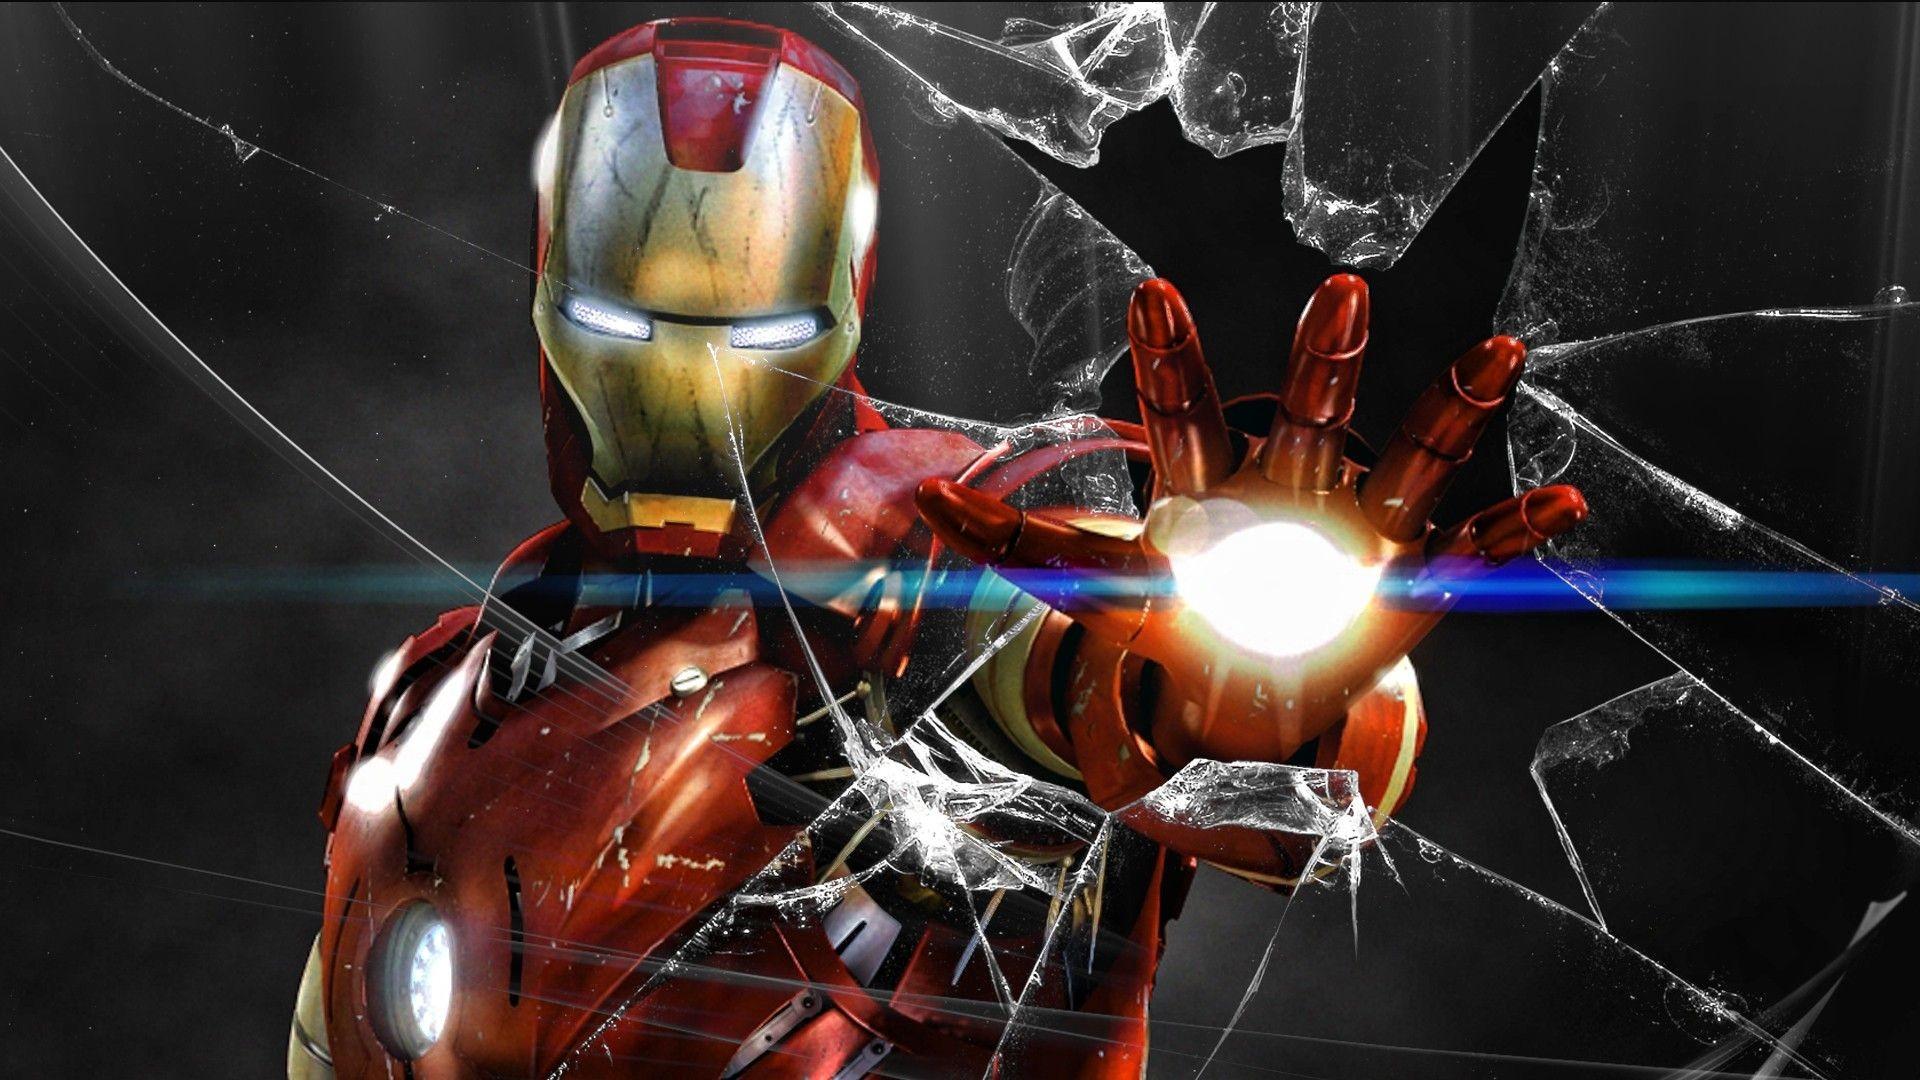 Res: 1920x1080, Iron Man Broken Screen Wallpaper - Best Wallpaper HD